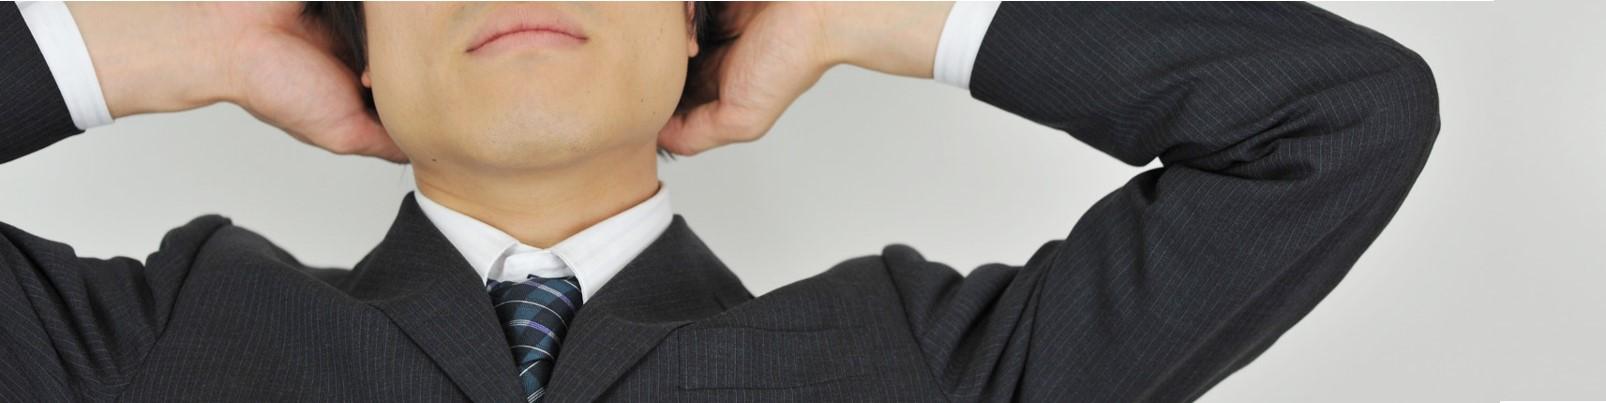 職場の人間関係ストレスを減らすヒント_働く人の心身健康コラム